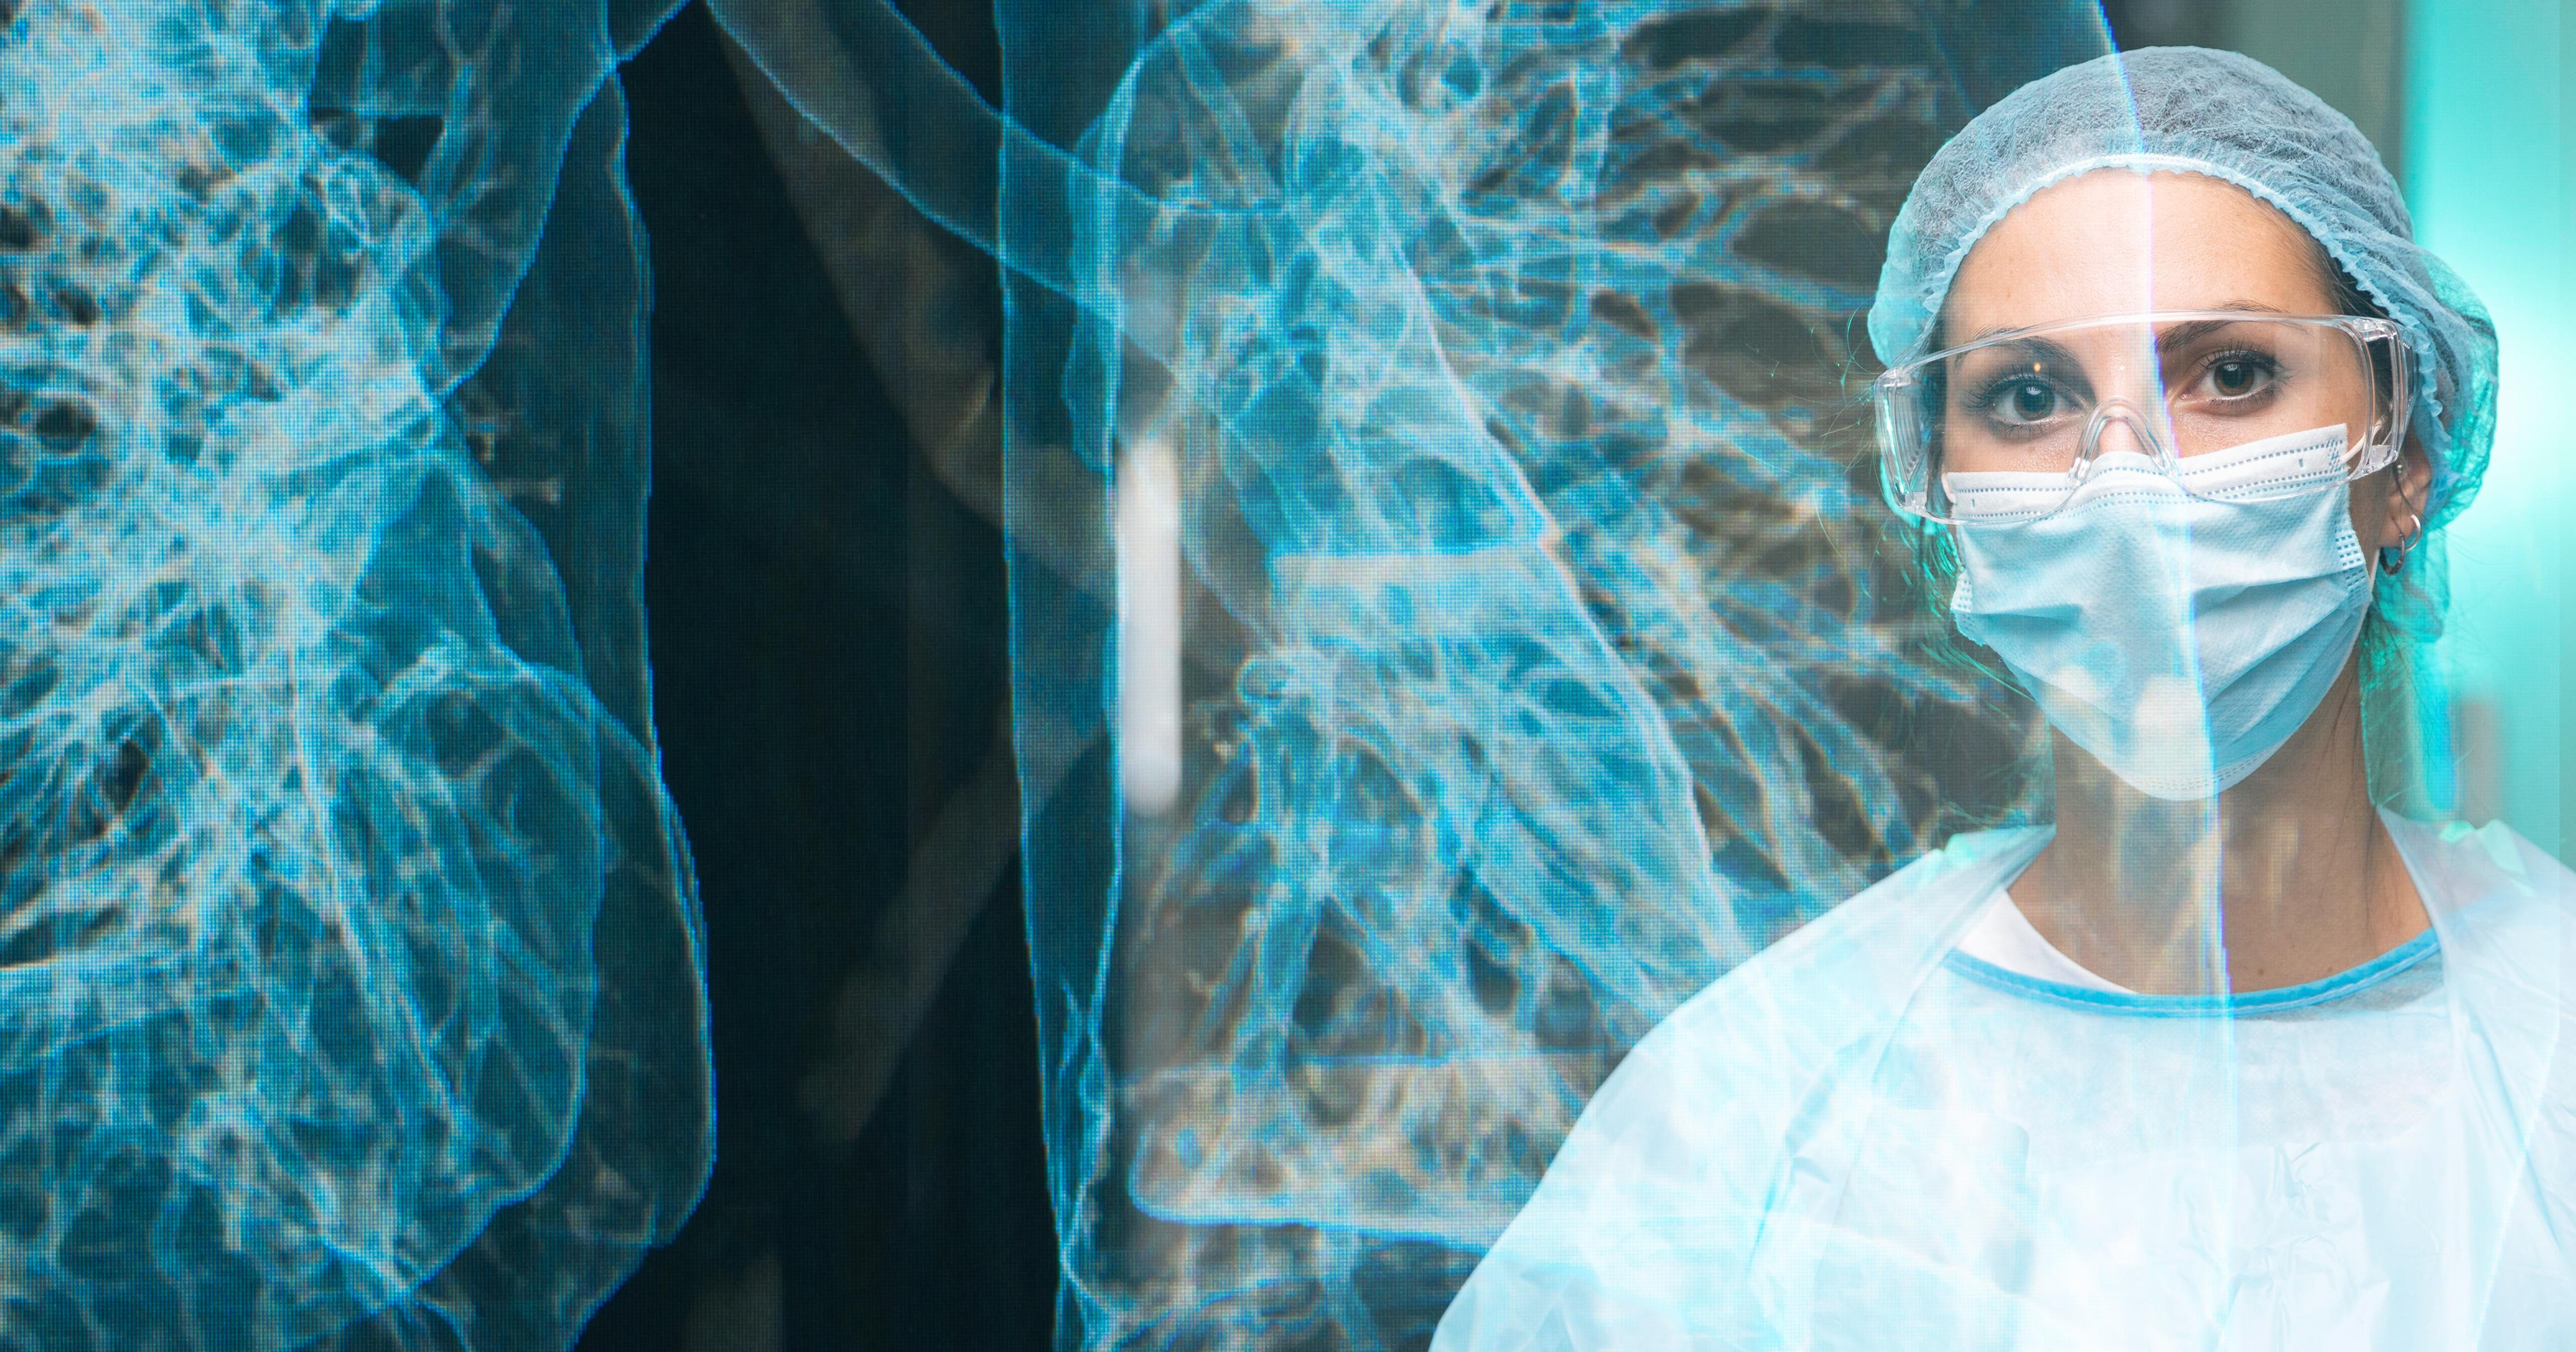 Rolul tomografiei computerizate în monitorizarea pacienților vindecați de COVID-19